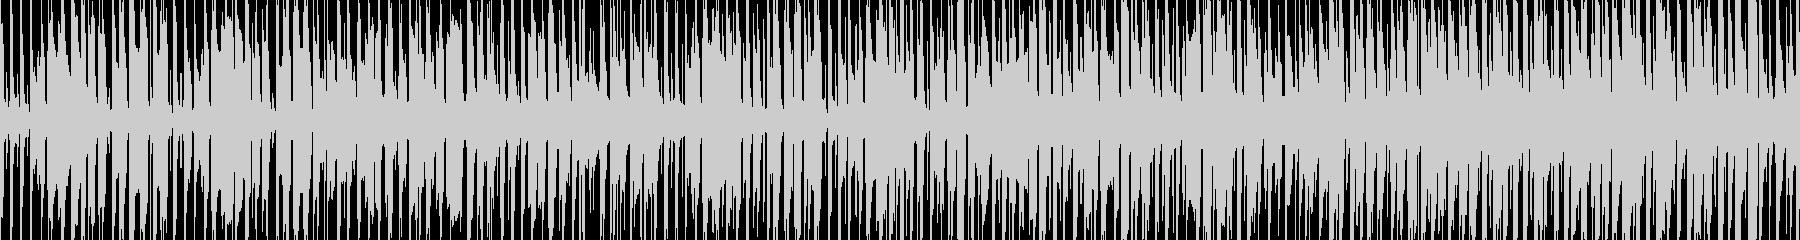 ぴこぴこしたエレピが特徴的 軽快なBGMの未再生の波形